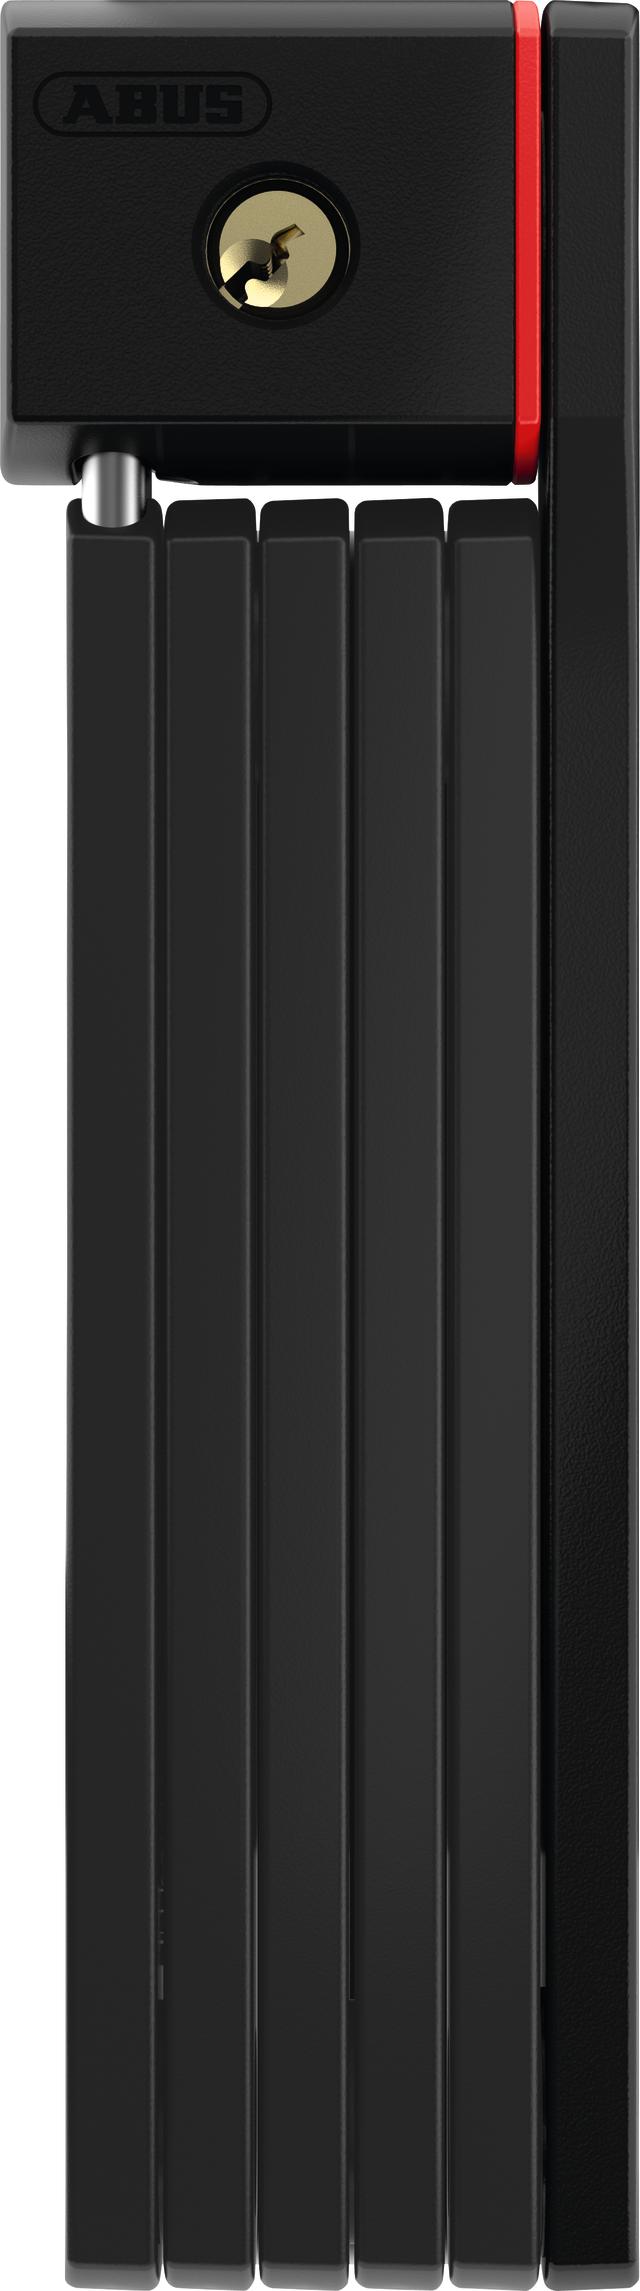 Faltschloss 5700/80 schwarz SH